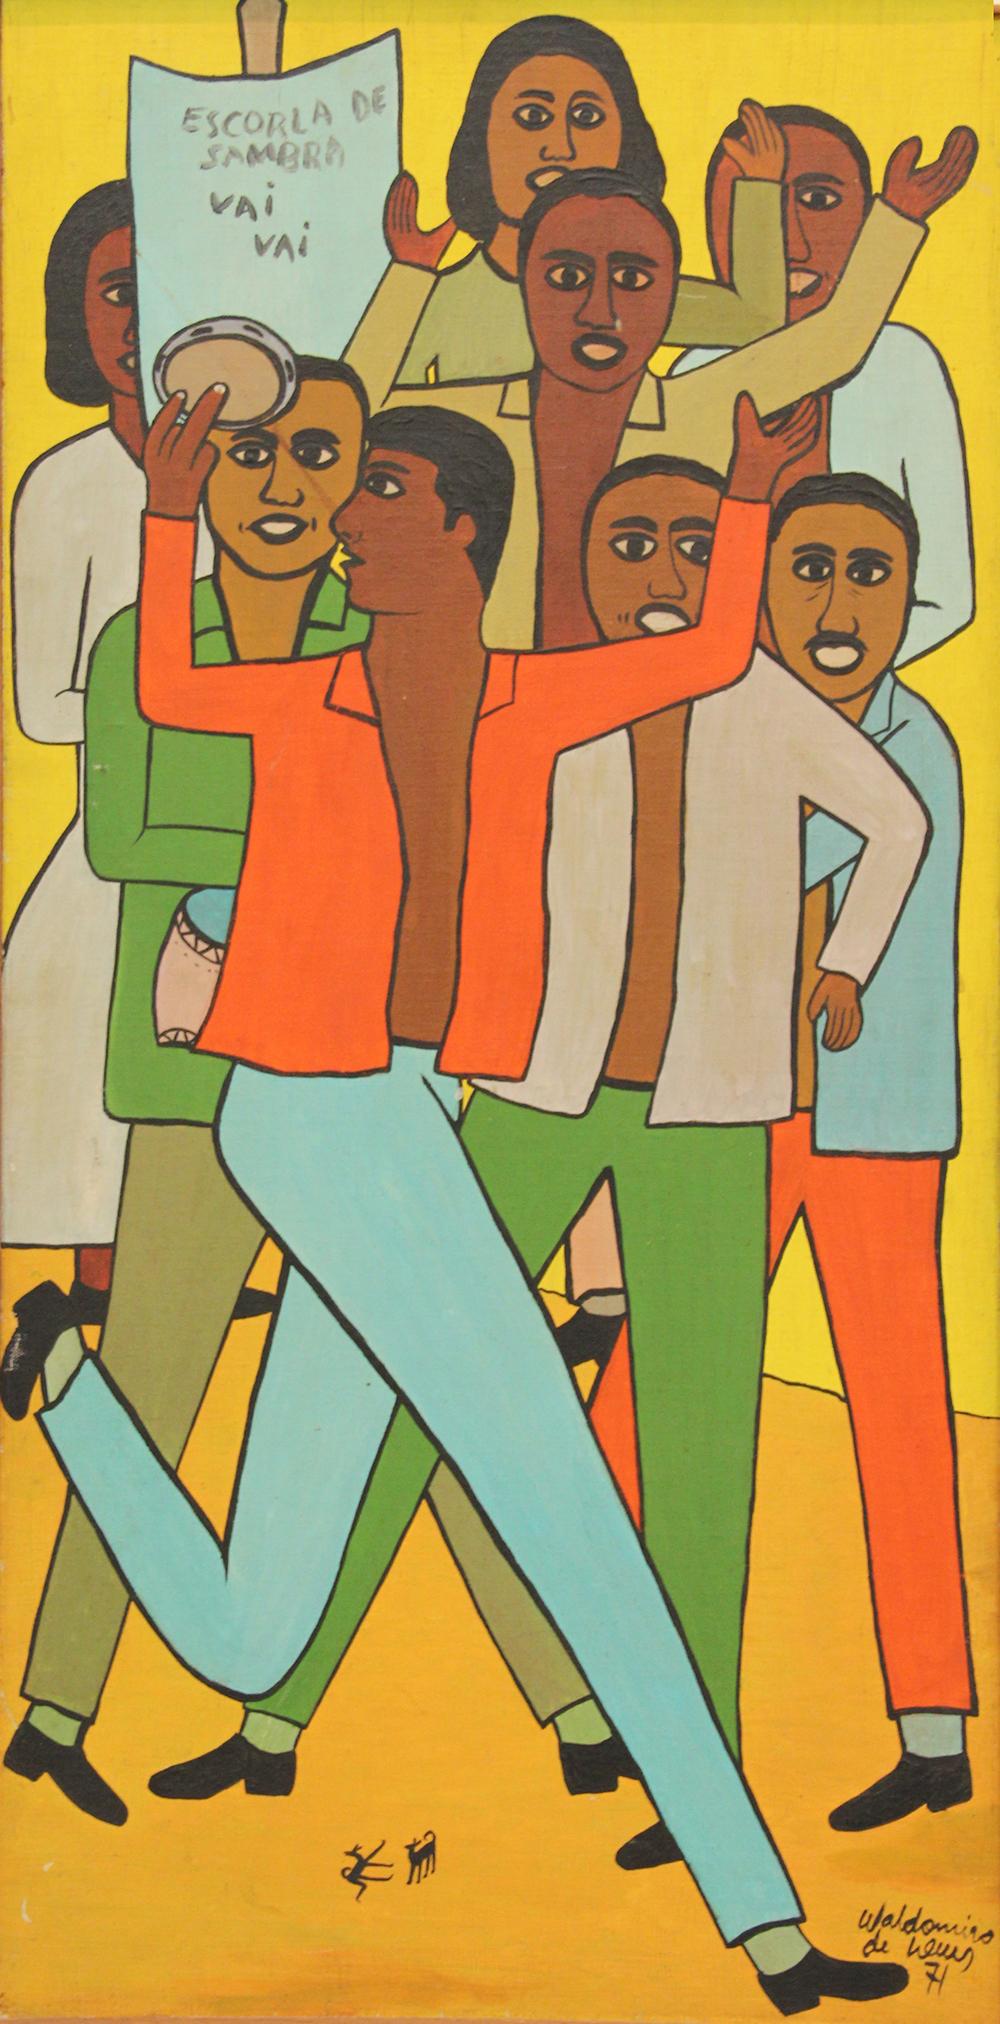 14 - escola de samba